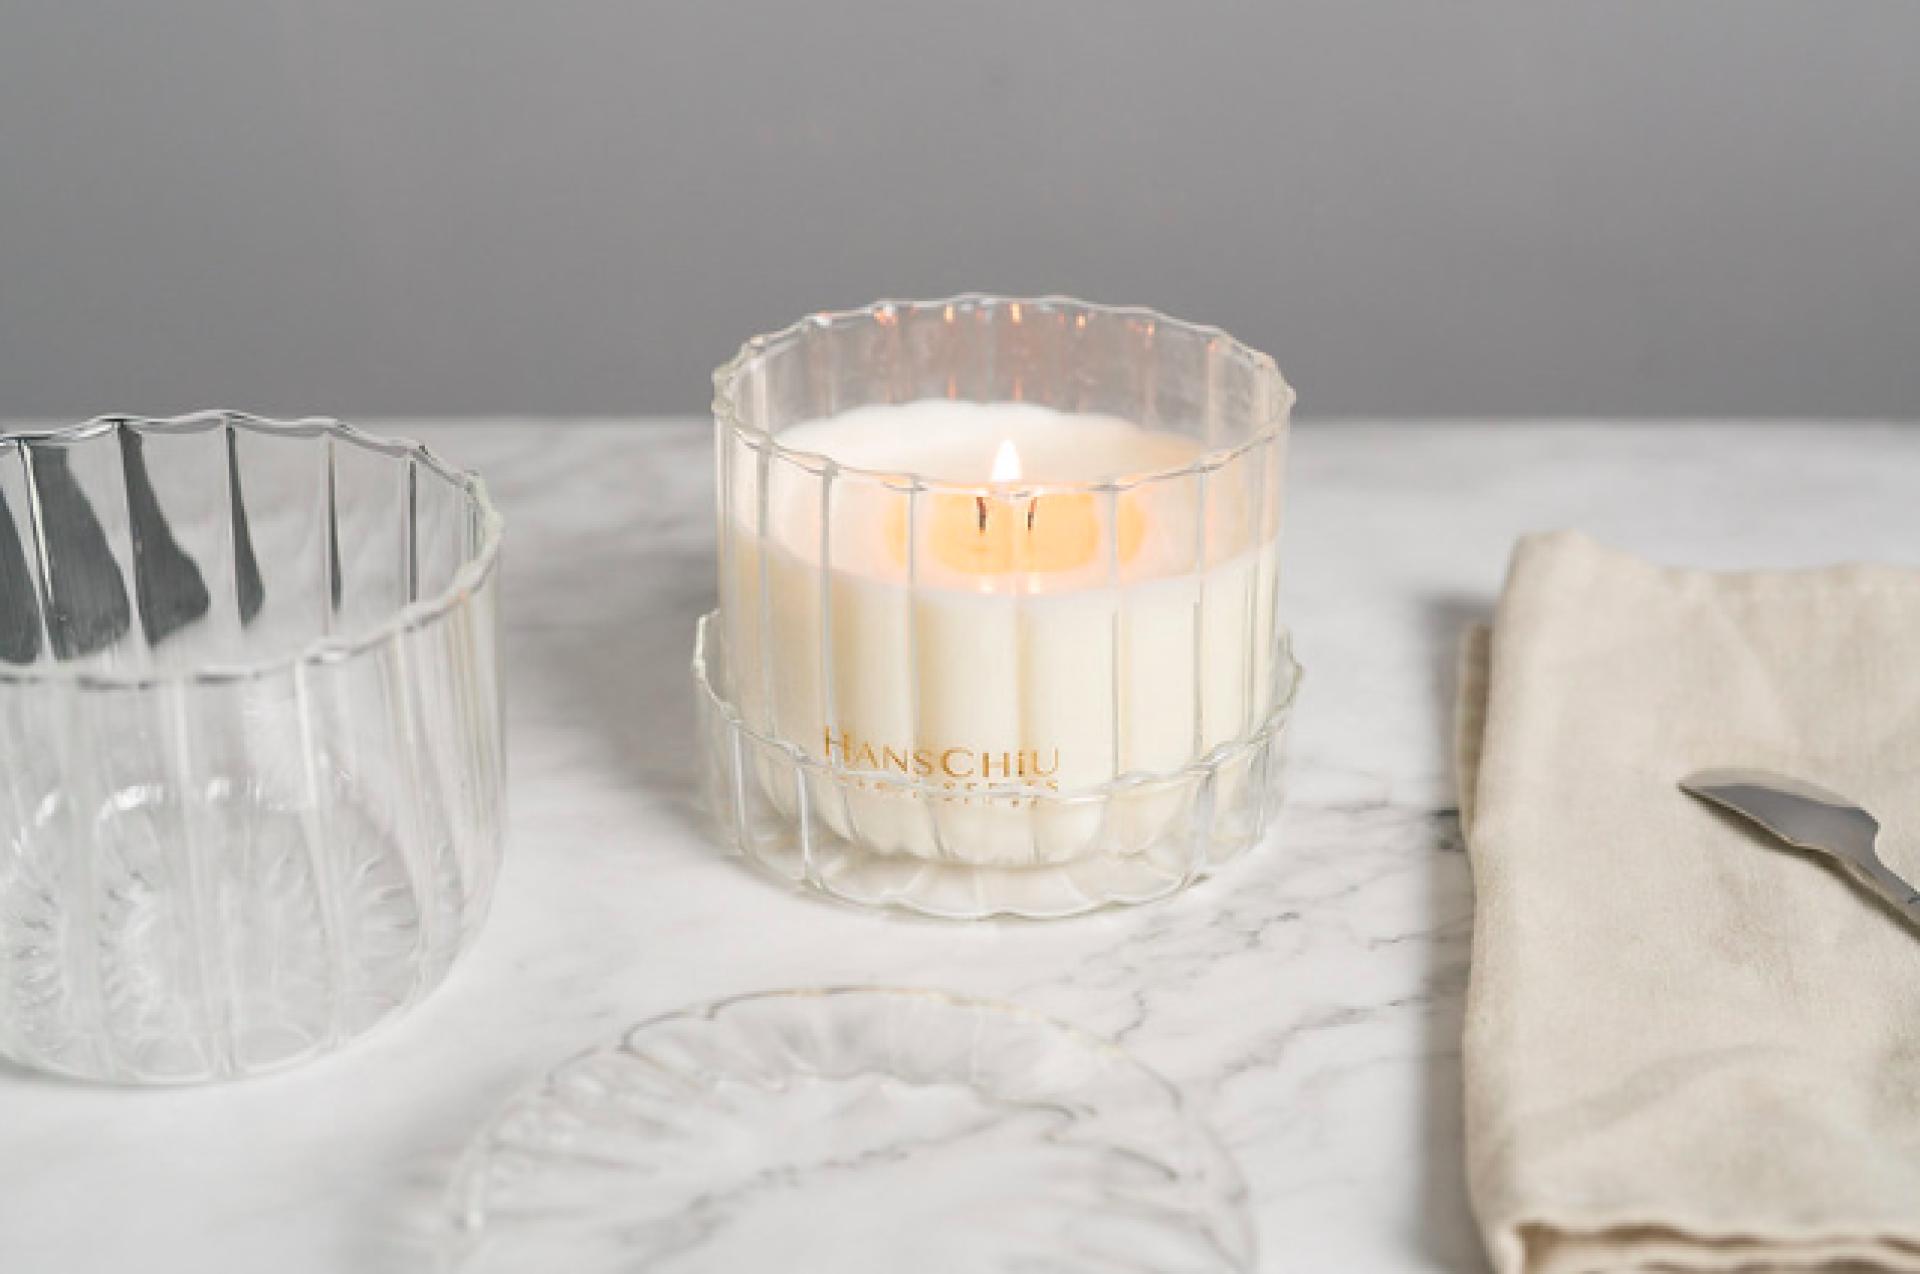 【品品學堂手作體驗】HANSCHIU 瀚思 15 種調香工藝蠟燭體驗